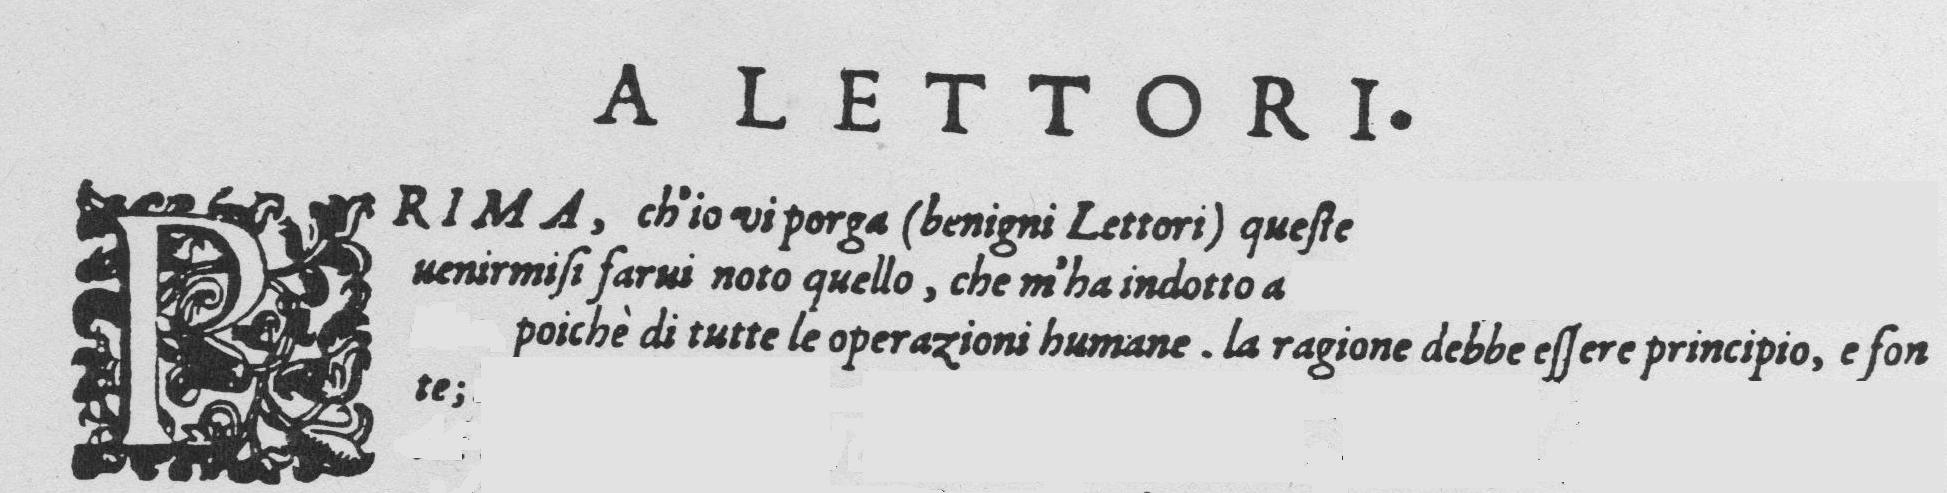 Peri Euridice Preface incipit